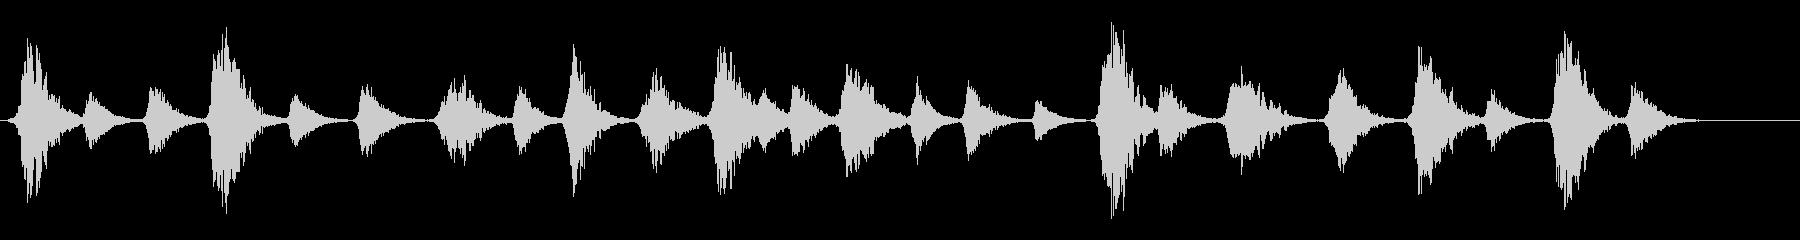 劇伴 朗読 心の声 抽象的の未再生の波形